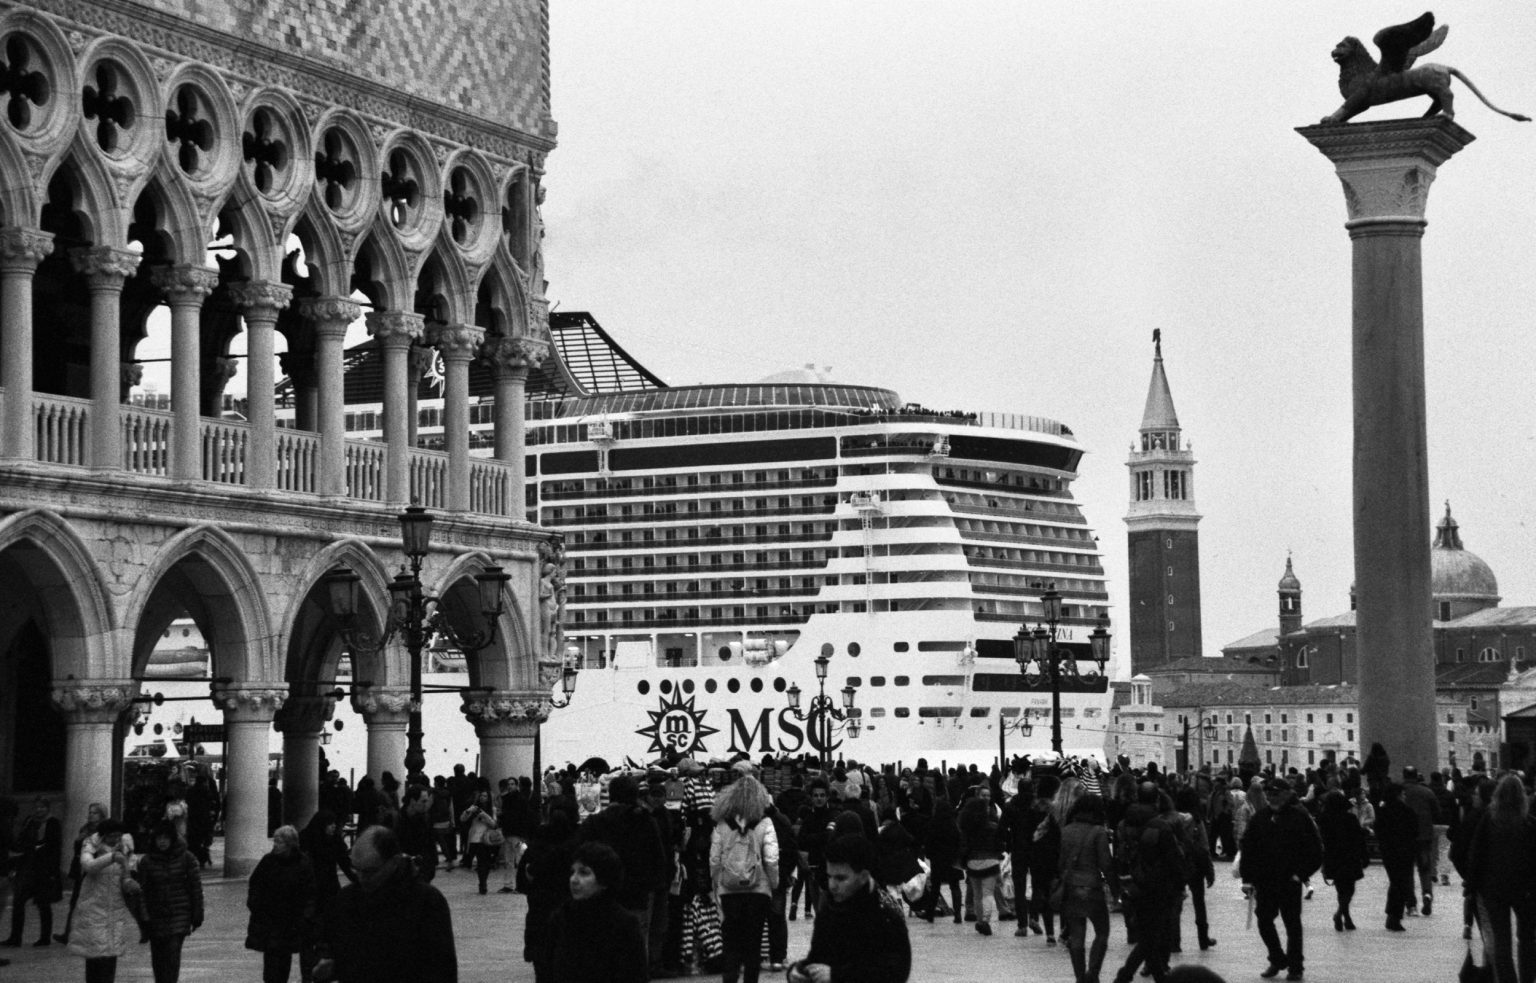 """Venice, August 2013 - Big cruise liners invade the city - MSC cruise ship passing by St. Mark's Square  ><  Venezia, agosto 2013 - Le grandi navi da crociera invadono la città - Una nave MSC passa davanti a piazza San Marco<p><span style=""""color: #ff0000""""><strong>*** SPECIAL   FEE   APPLIES ***</strong></span></p>*** SPECIAL   FEE   APPLIES *** *** Local Caption *** 00551374"""